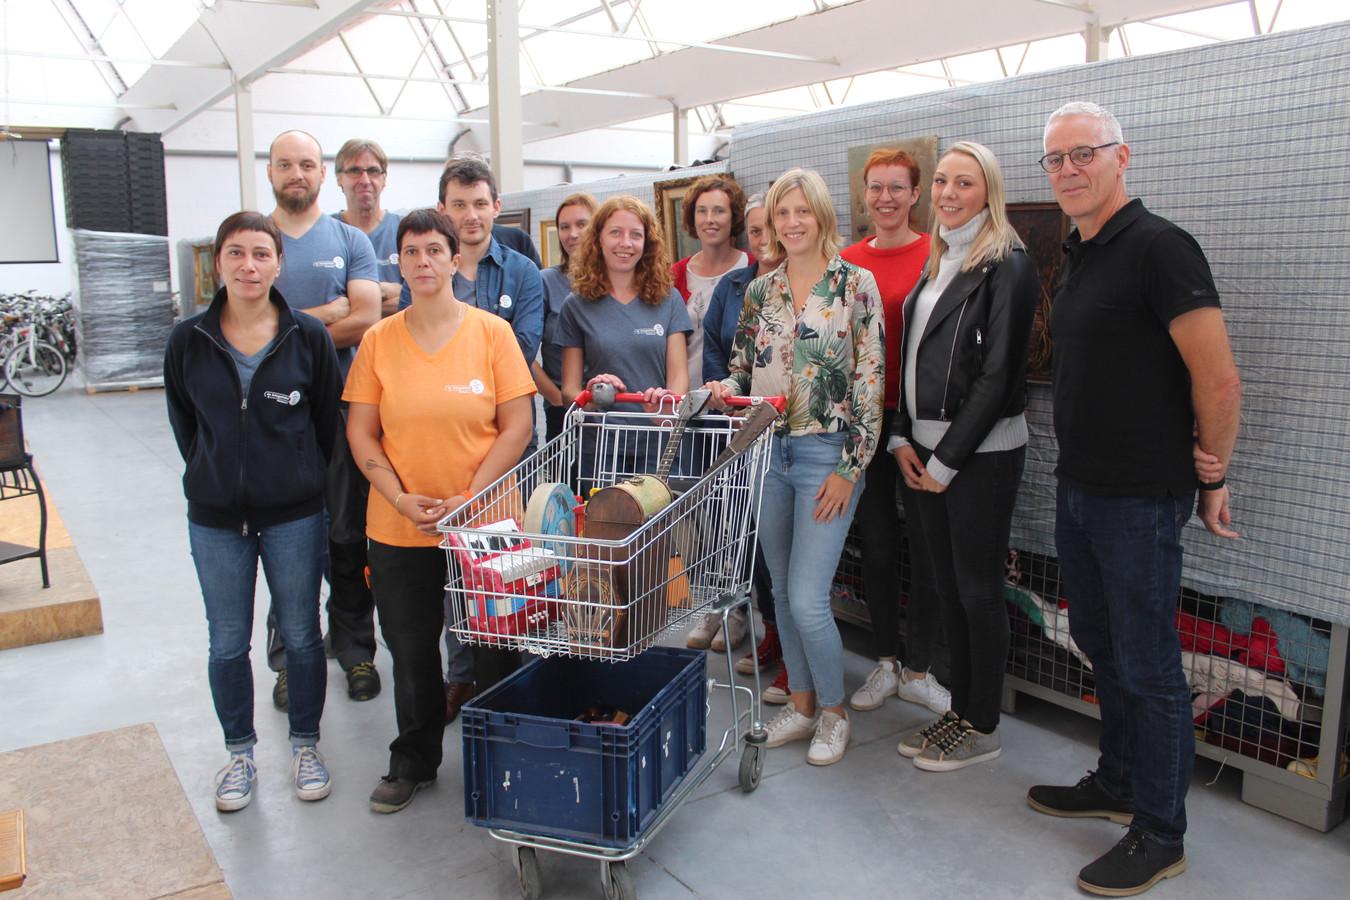 Een beeld uit september 2019 van een groep medewerkers van Kringloopwinkel Meetjesland, toen van corona nog geen sprake was.